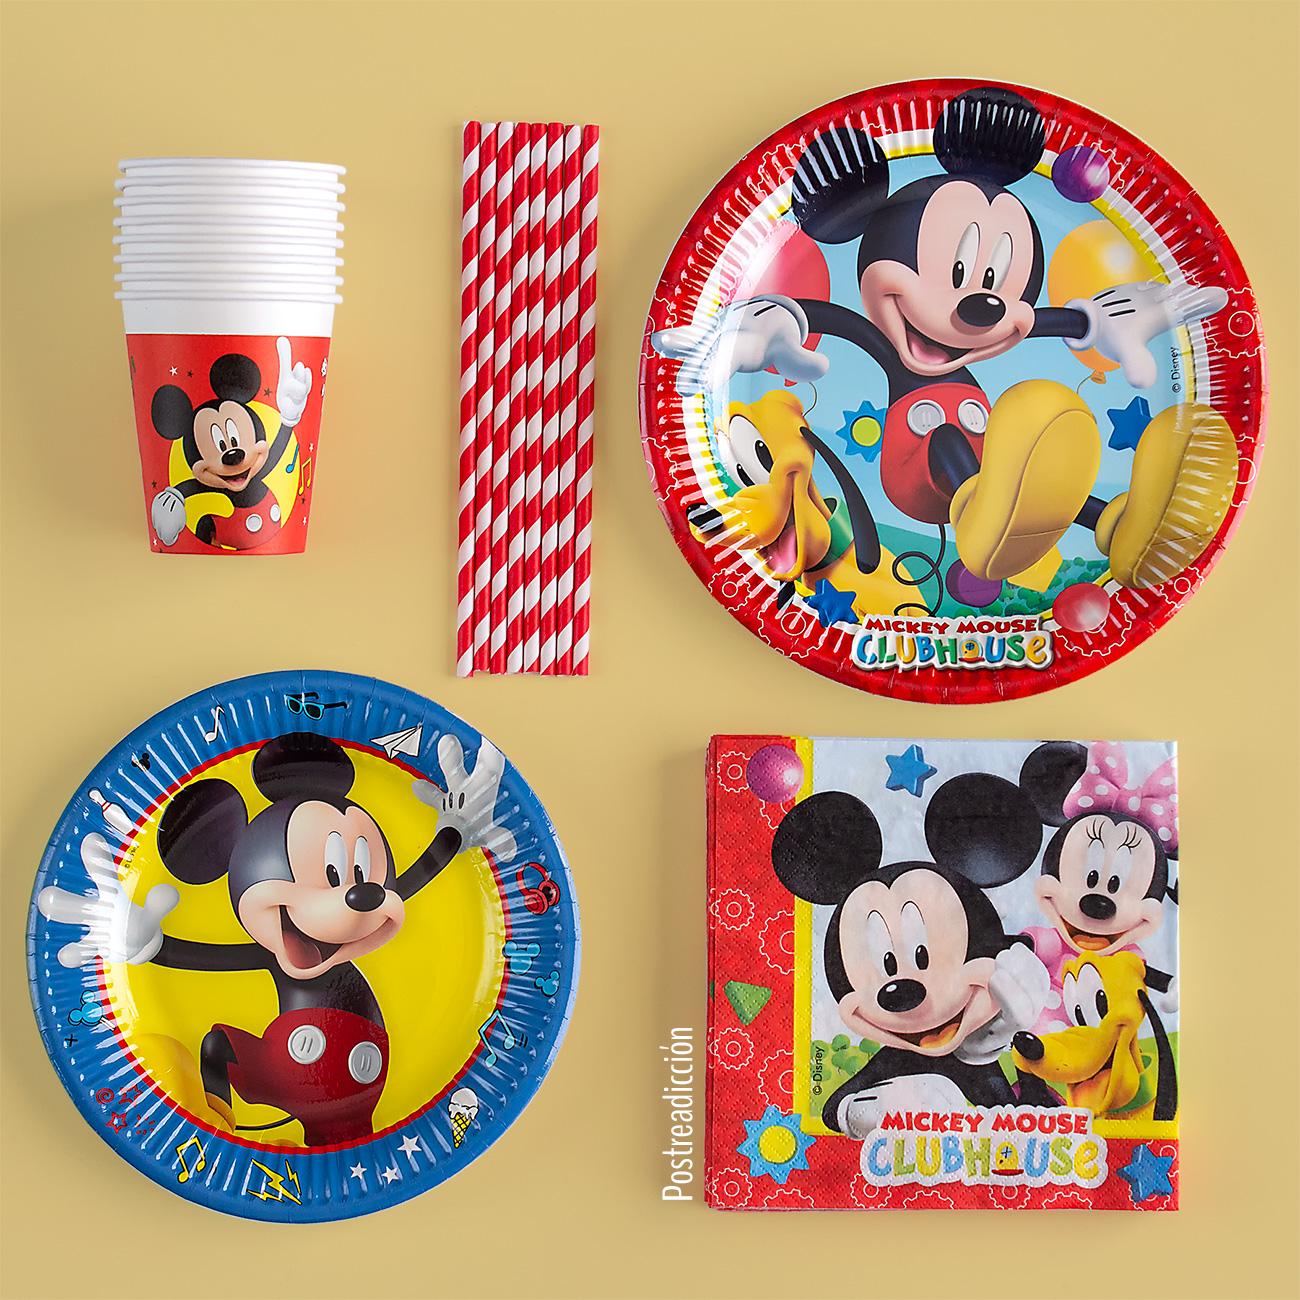 Imagen de producto: https://tienda.postreadiccion.com/img/articulos/secundarias13136-8-vasos-de-mickey-mouse-de-200-ml-1.jpg